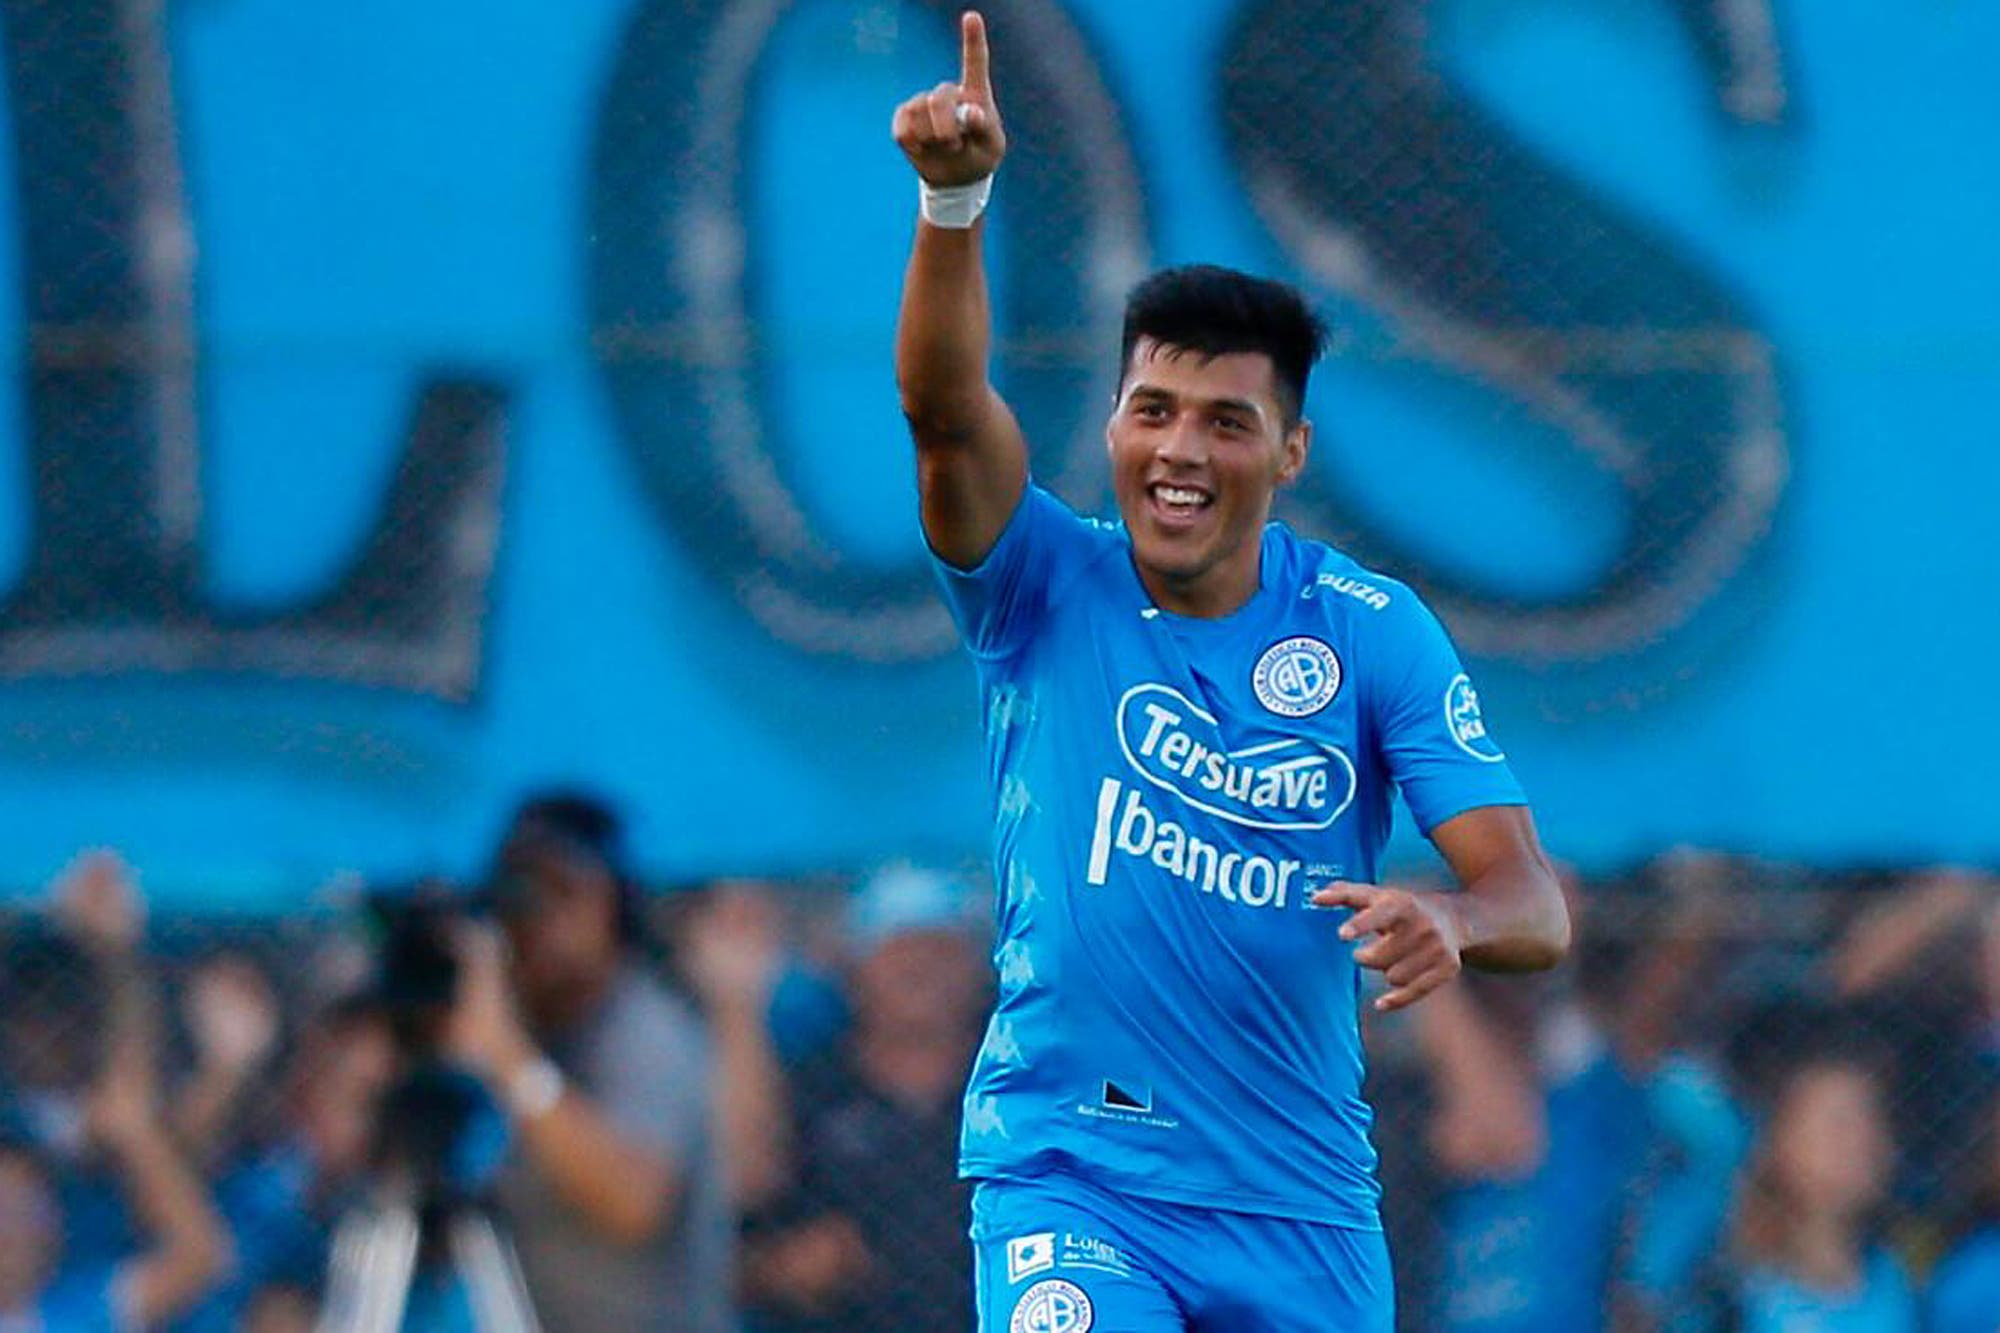 Belgrano le dio un gusto a su gente: venció 3 a 2 a Lanús como local